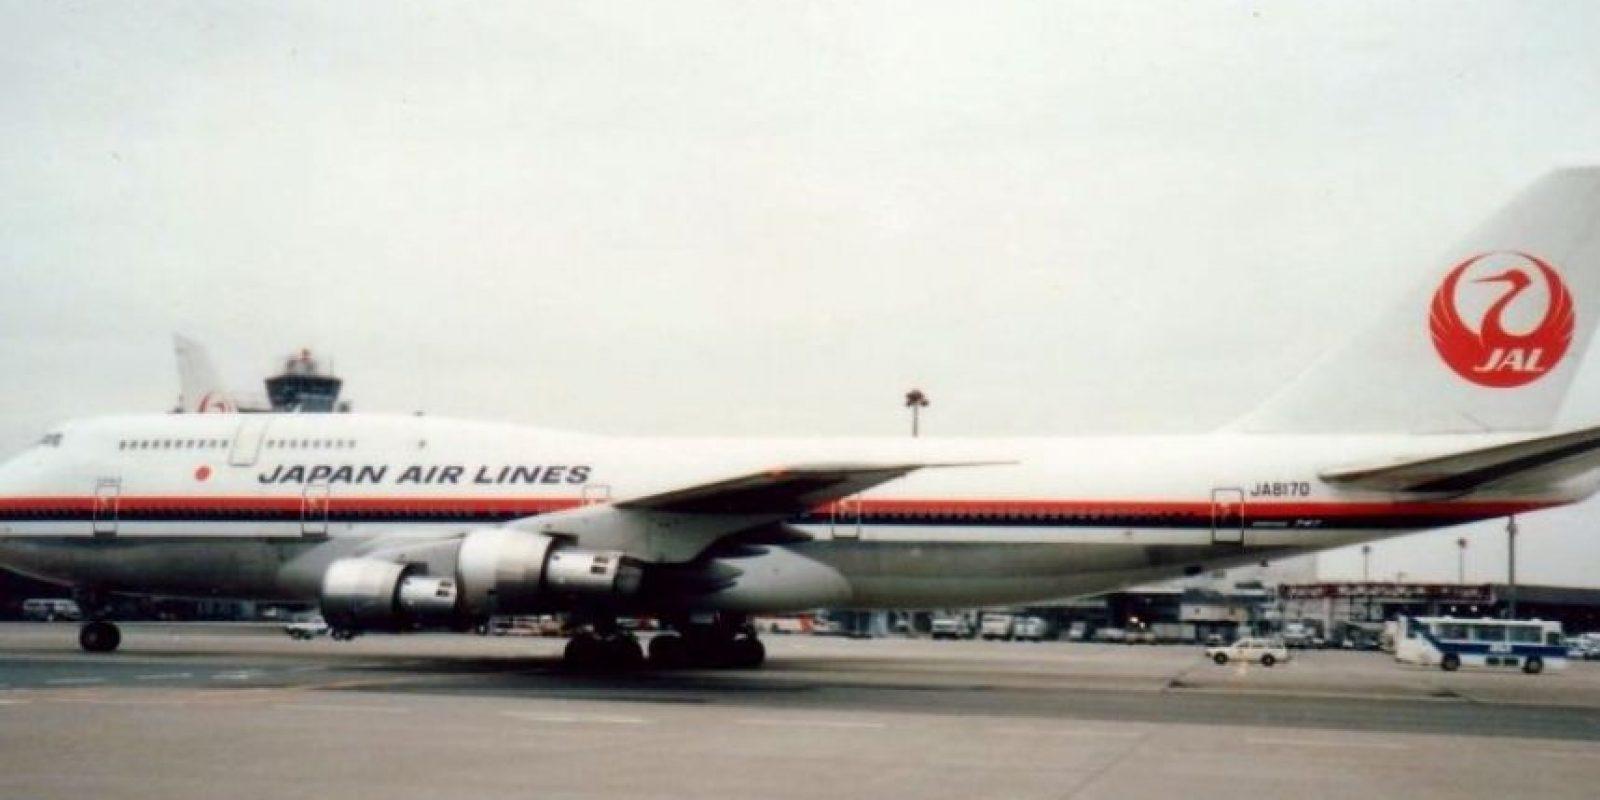 2. Vuelo 123 de Japan Airlines – 1985. 520 personas perdieron la vida tras impactarse en el Monte Takamagahara